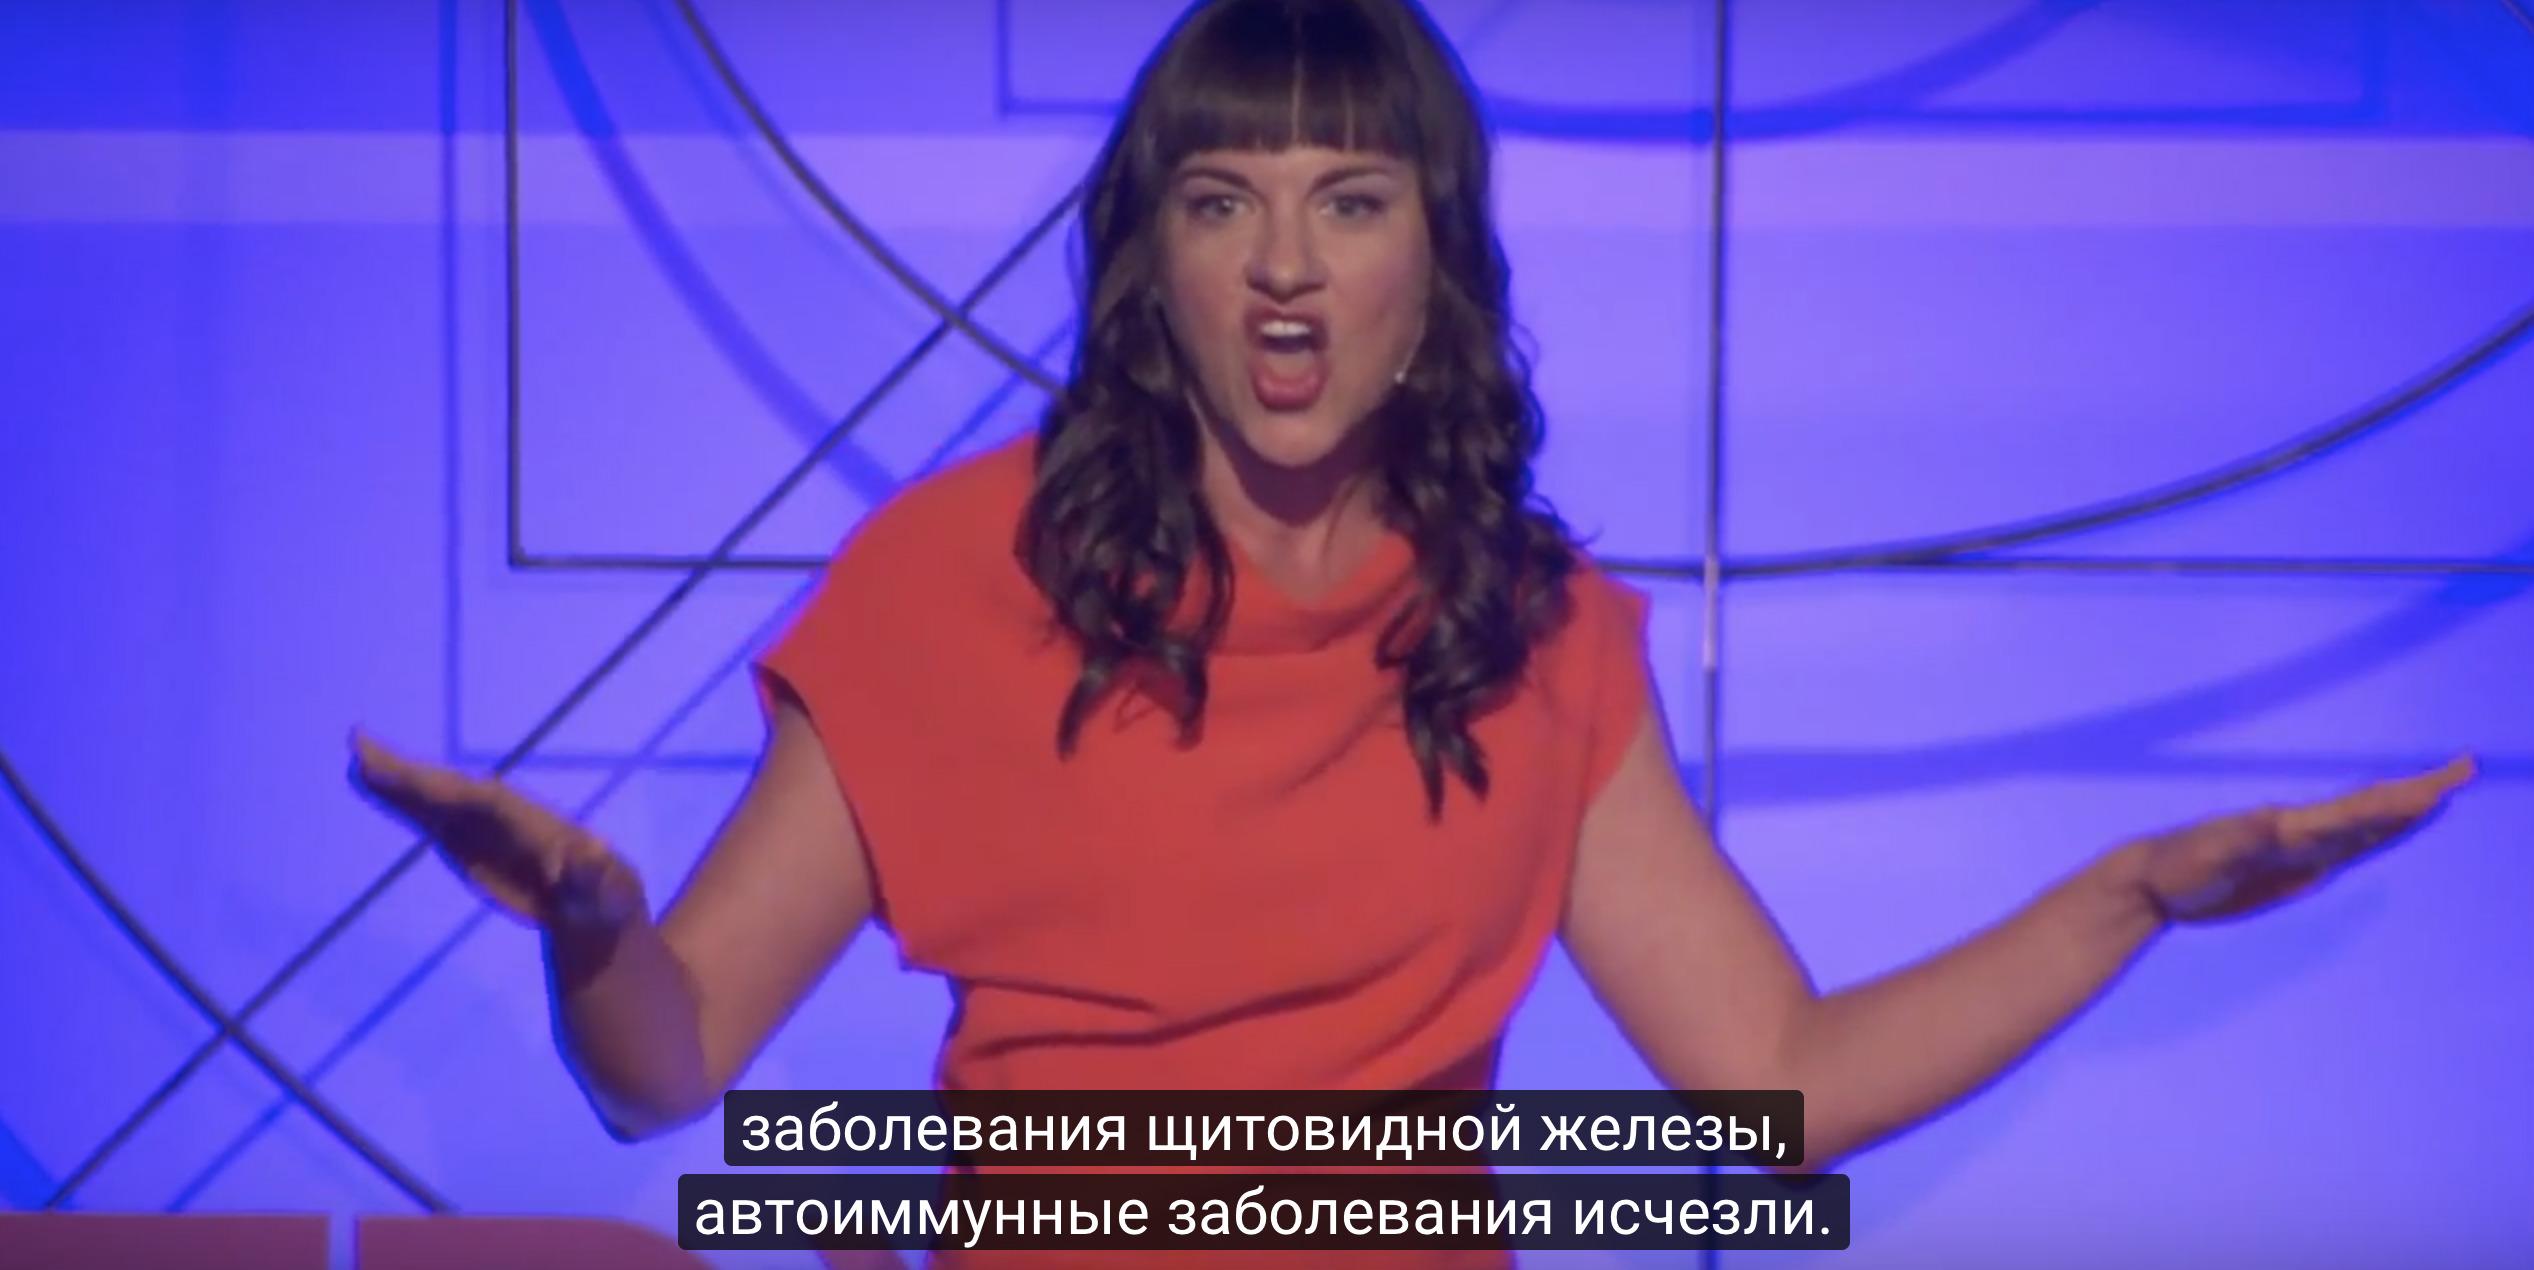 Лисса_плацебо_механизм_работы